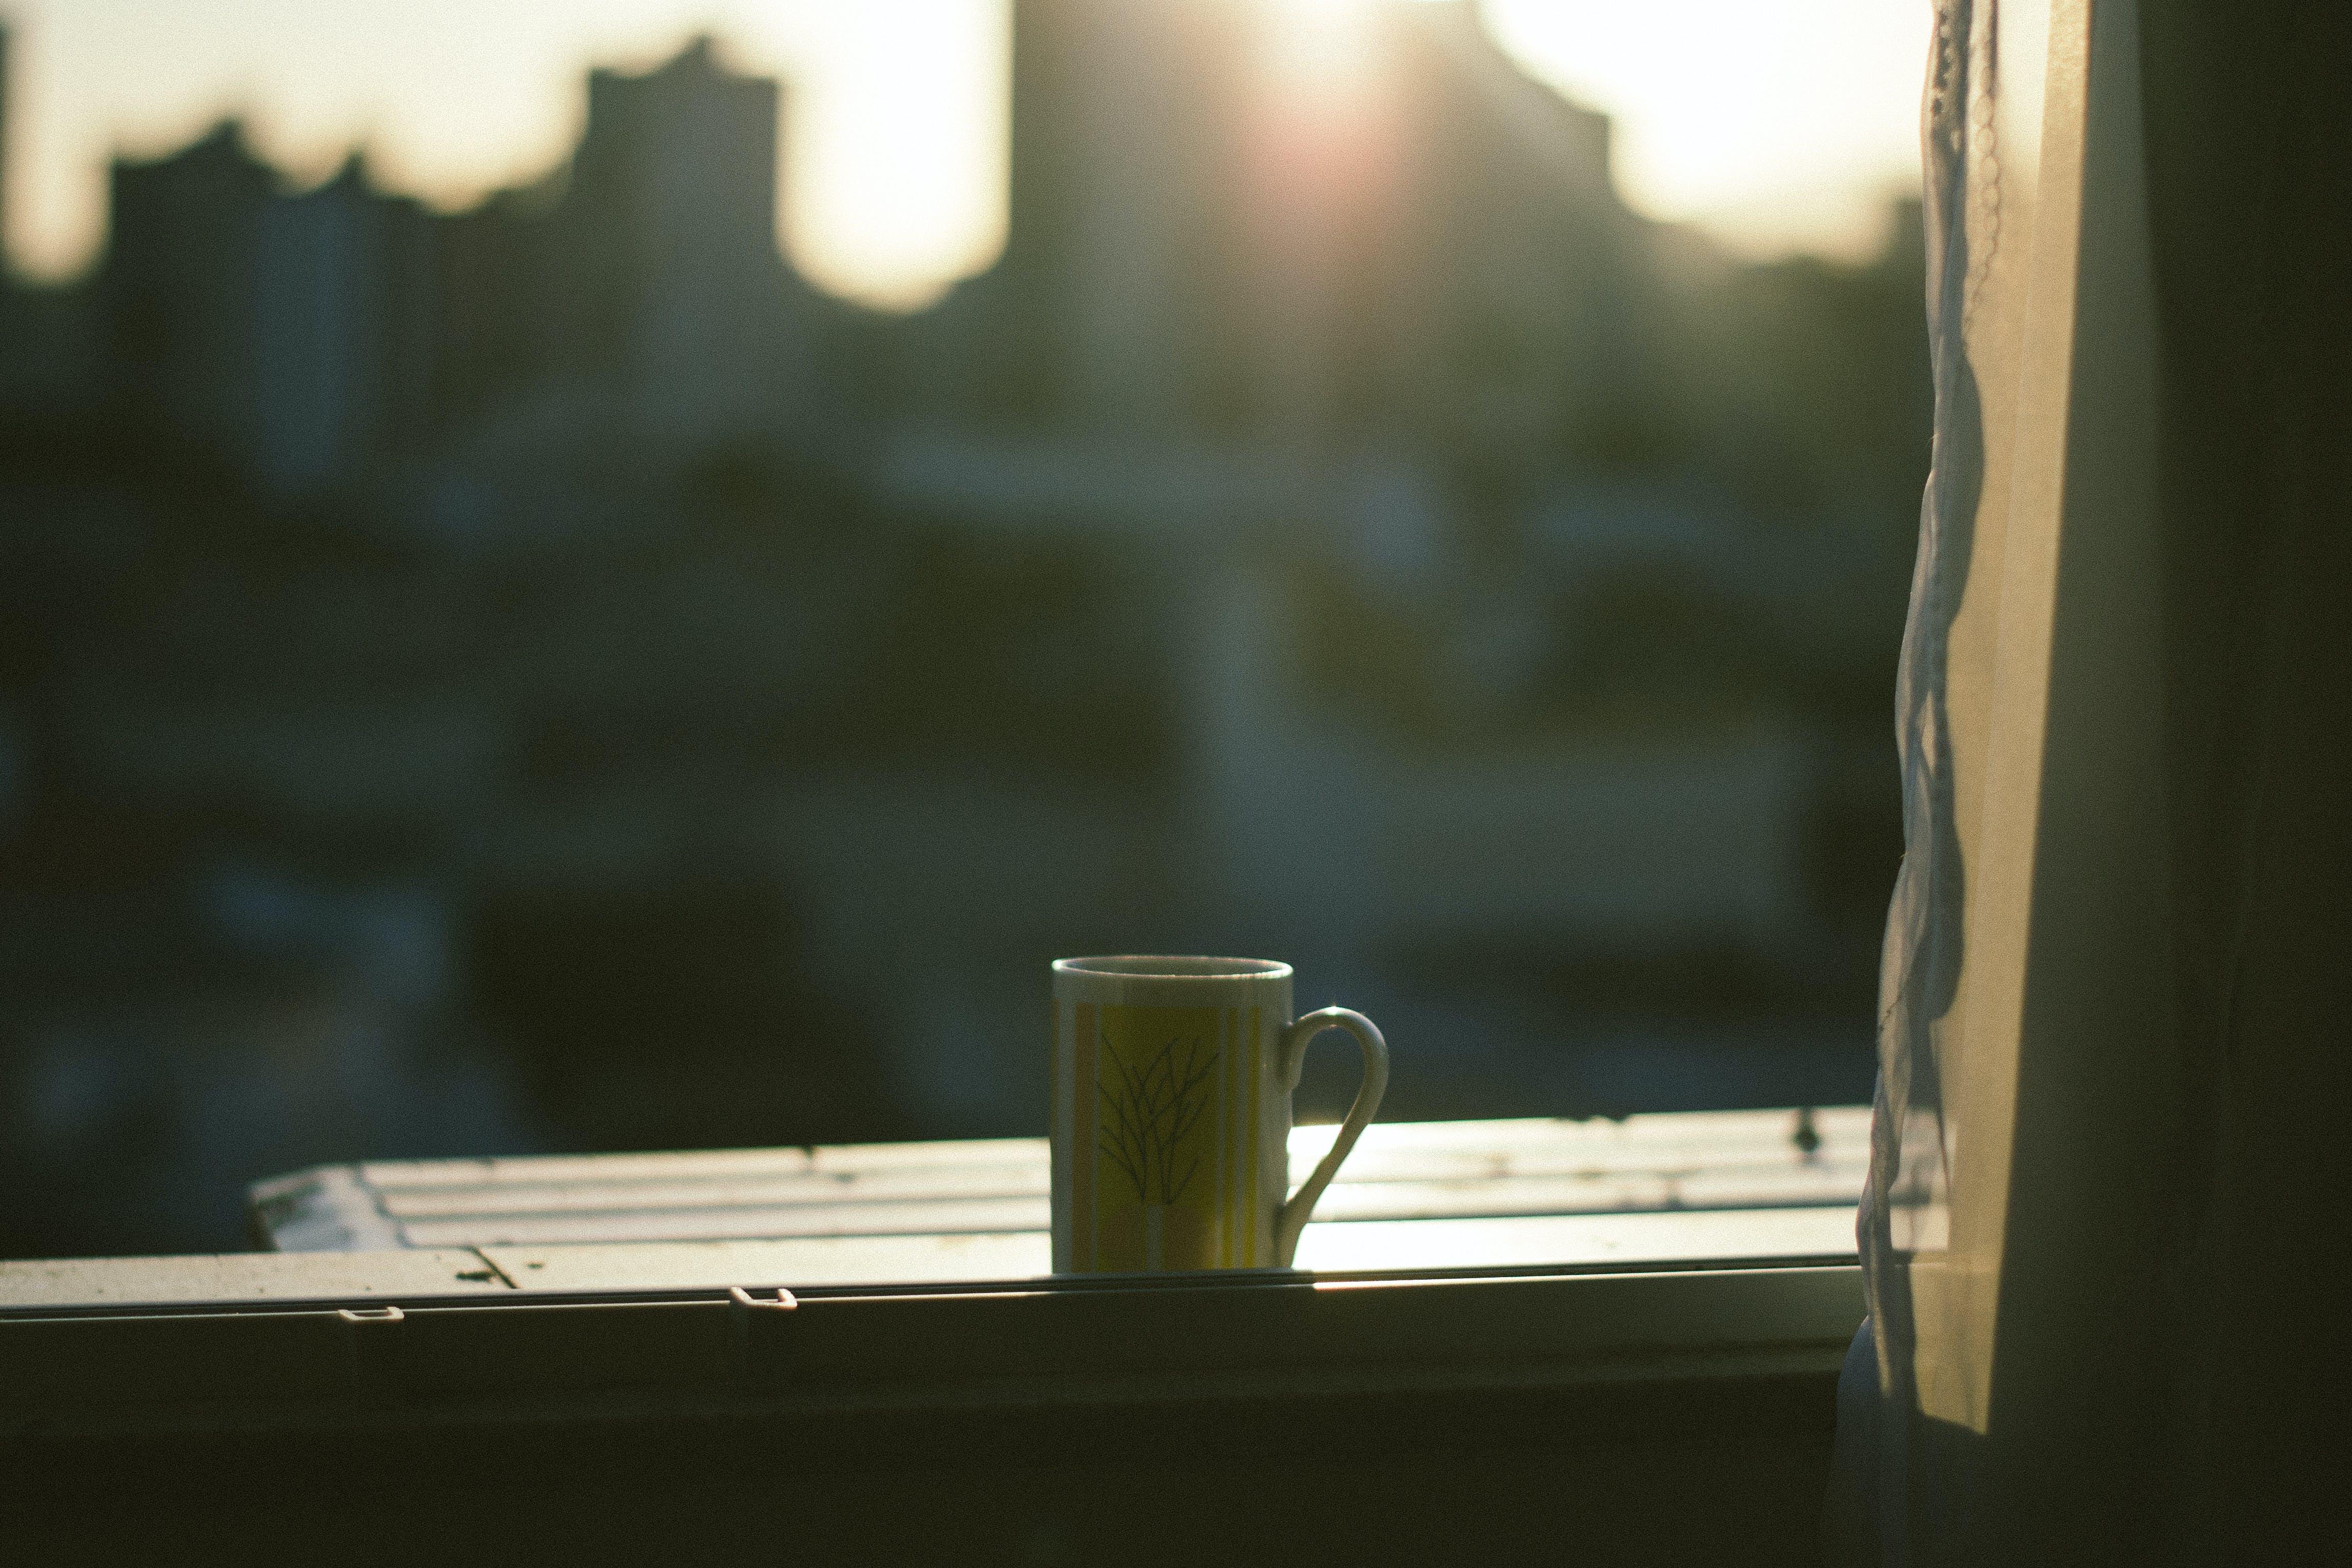 カップ, コーヒー, ドリンク, マグの無料の写真素材